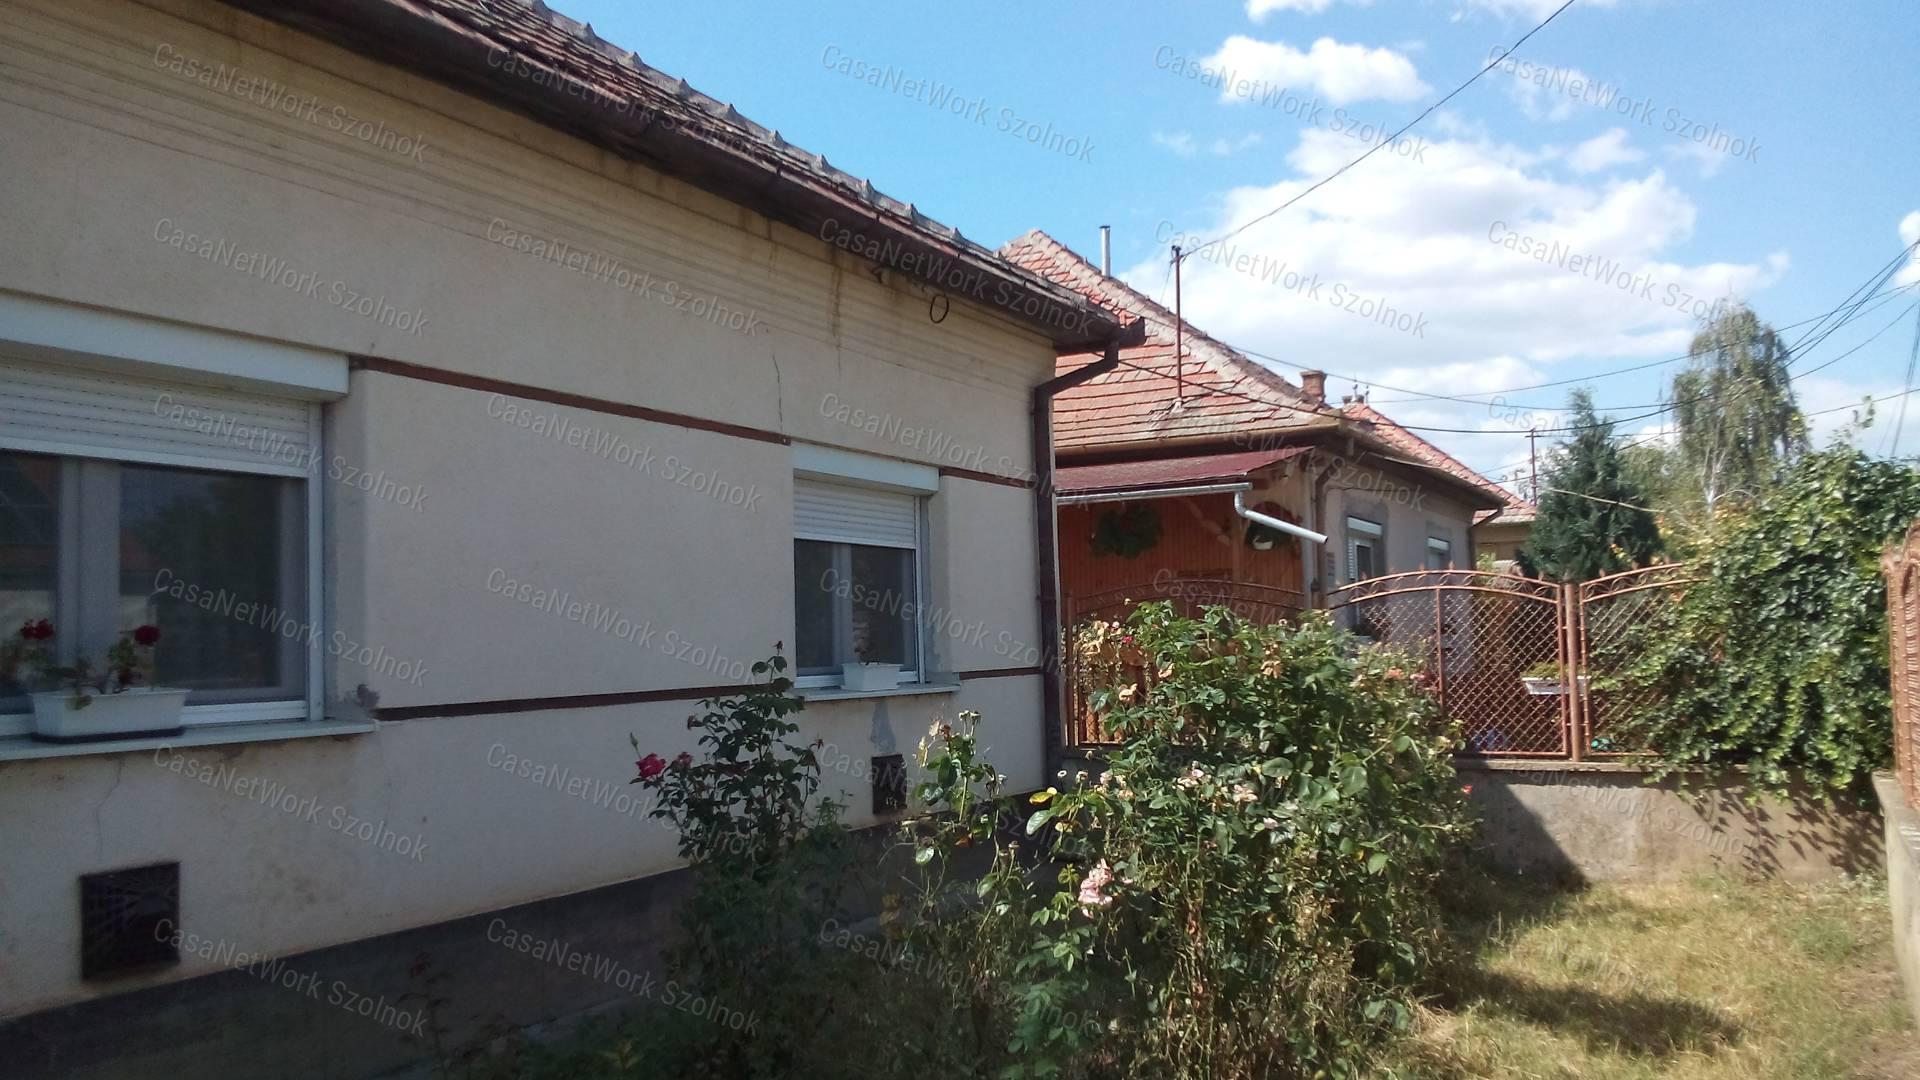 Eladó családi ház, Jász-Nagykun-Szolnok megye, Martfű (Ófalu) - sz.: 155802961 - CasaNetWork.hu